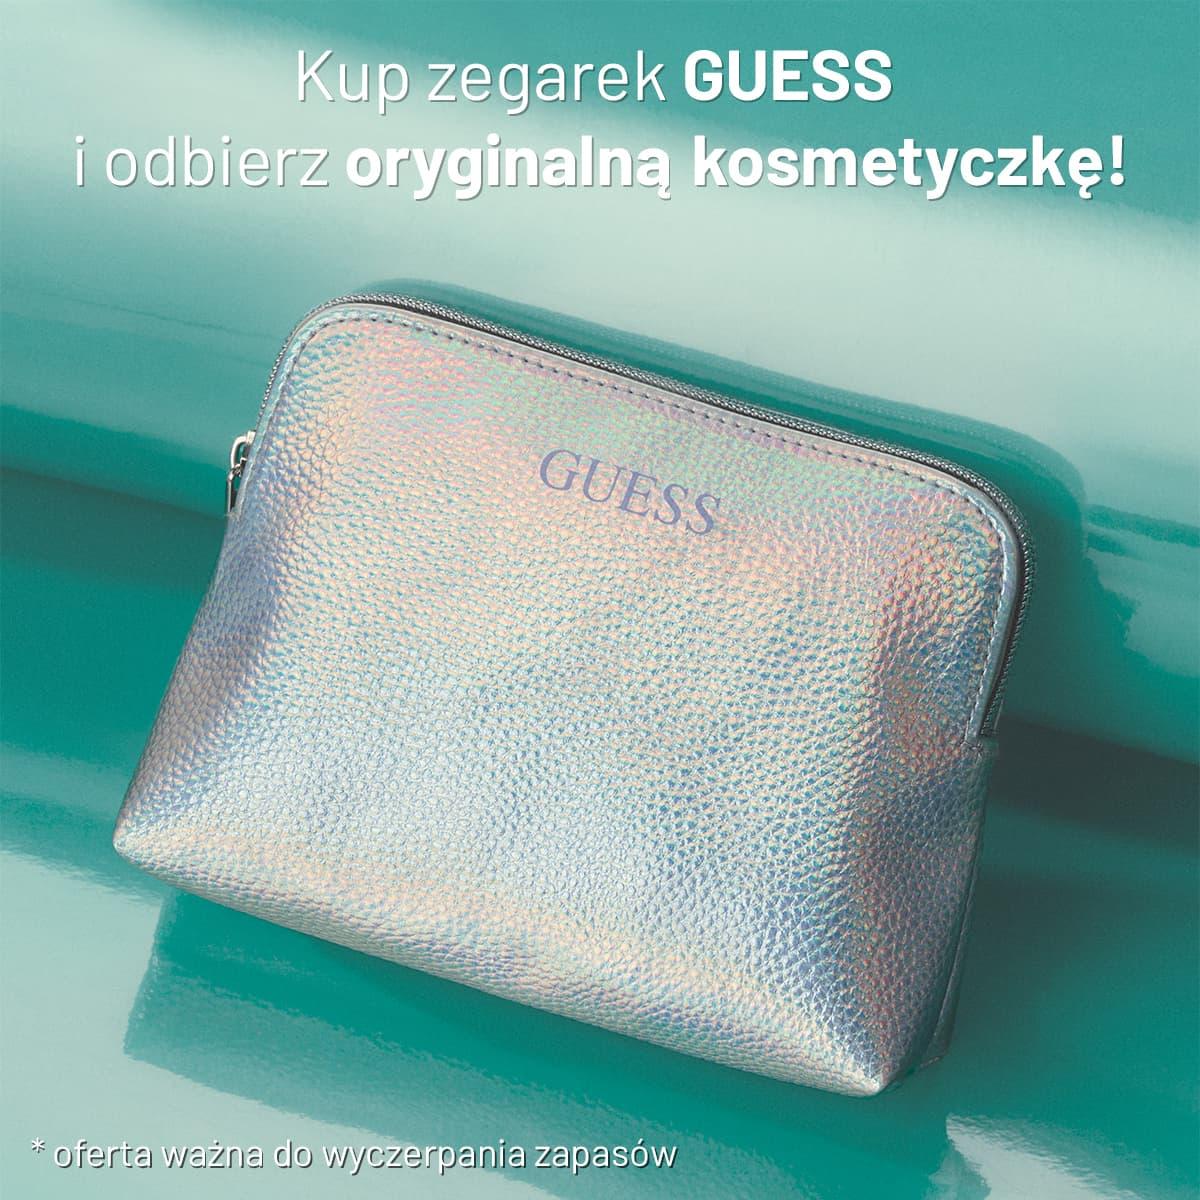 Odbierz kosmetyczke Guess gratis